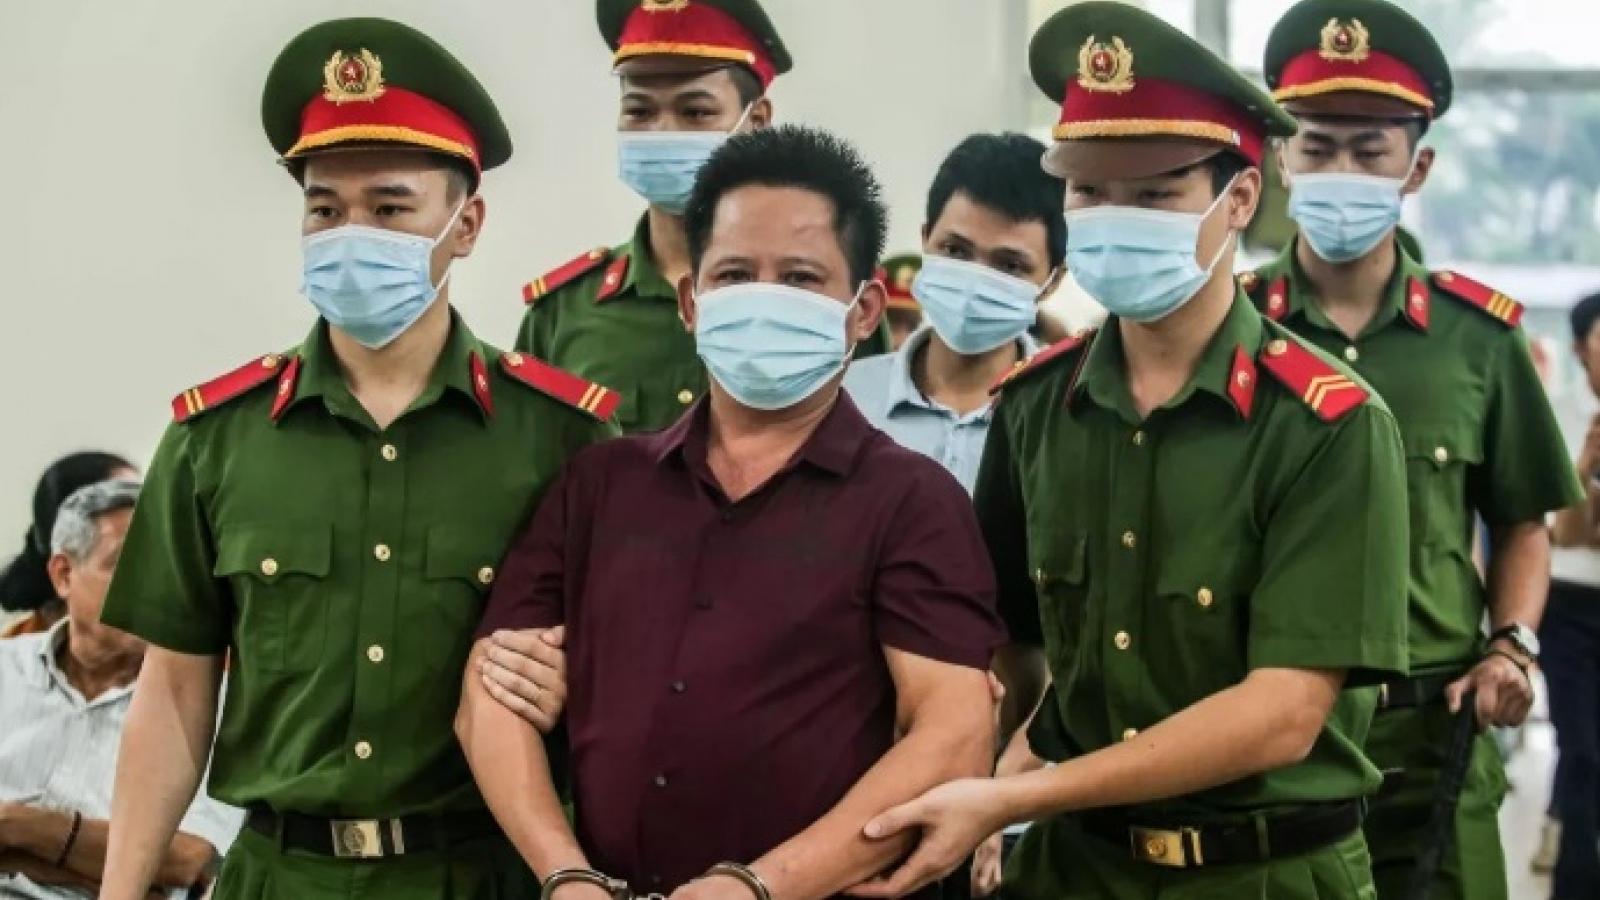 Chủ quán bắt thực khách quỳ xin lỗi ở Bắc Ninh bị tuyên phạt 12 tháng tù giam